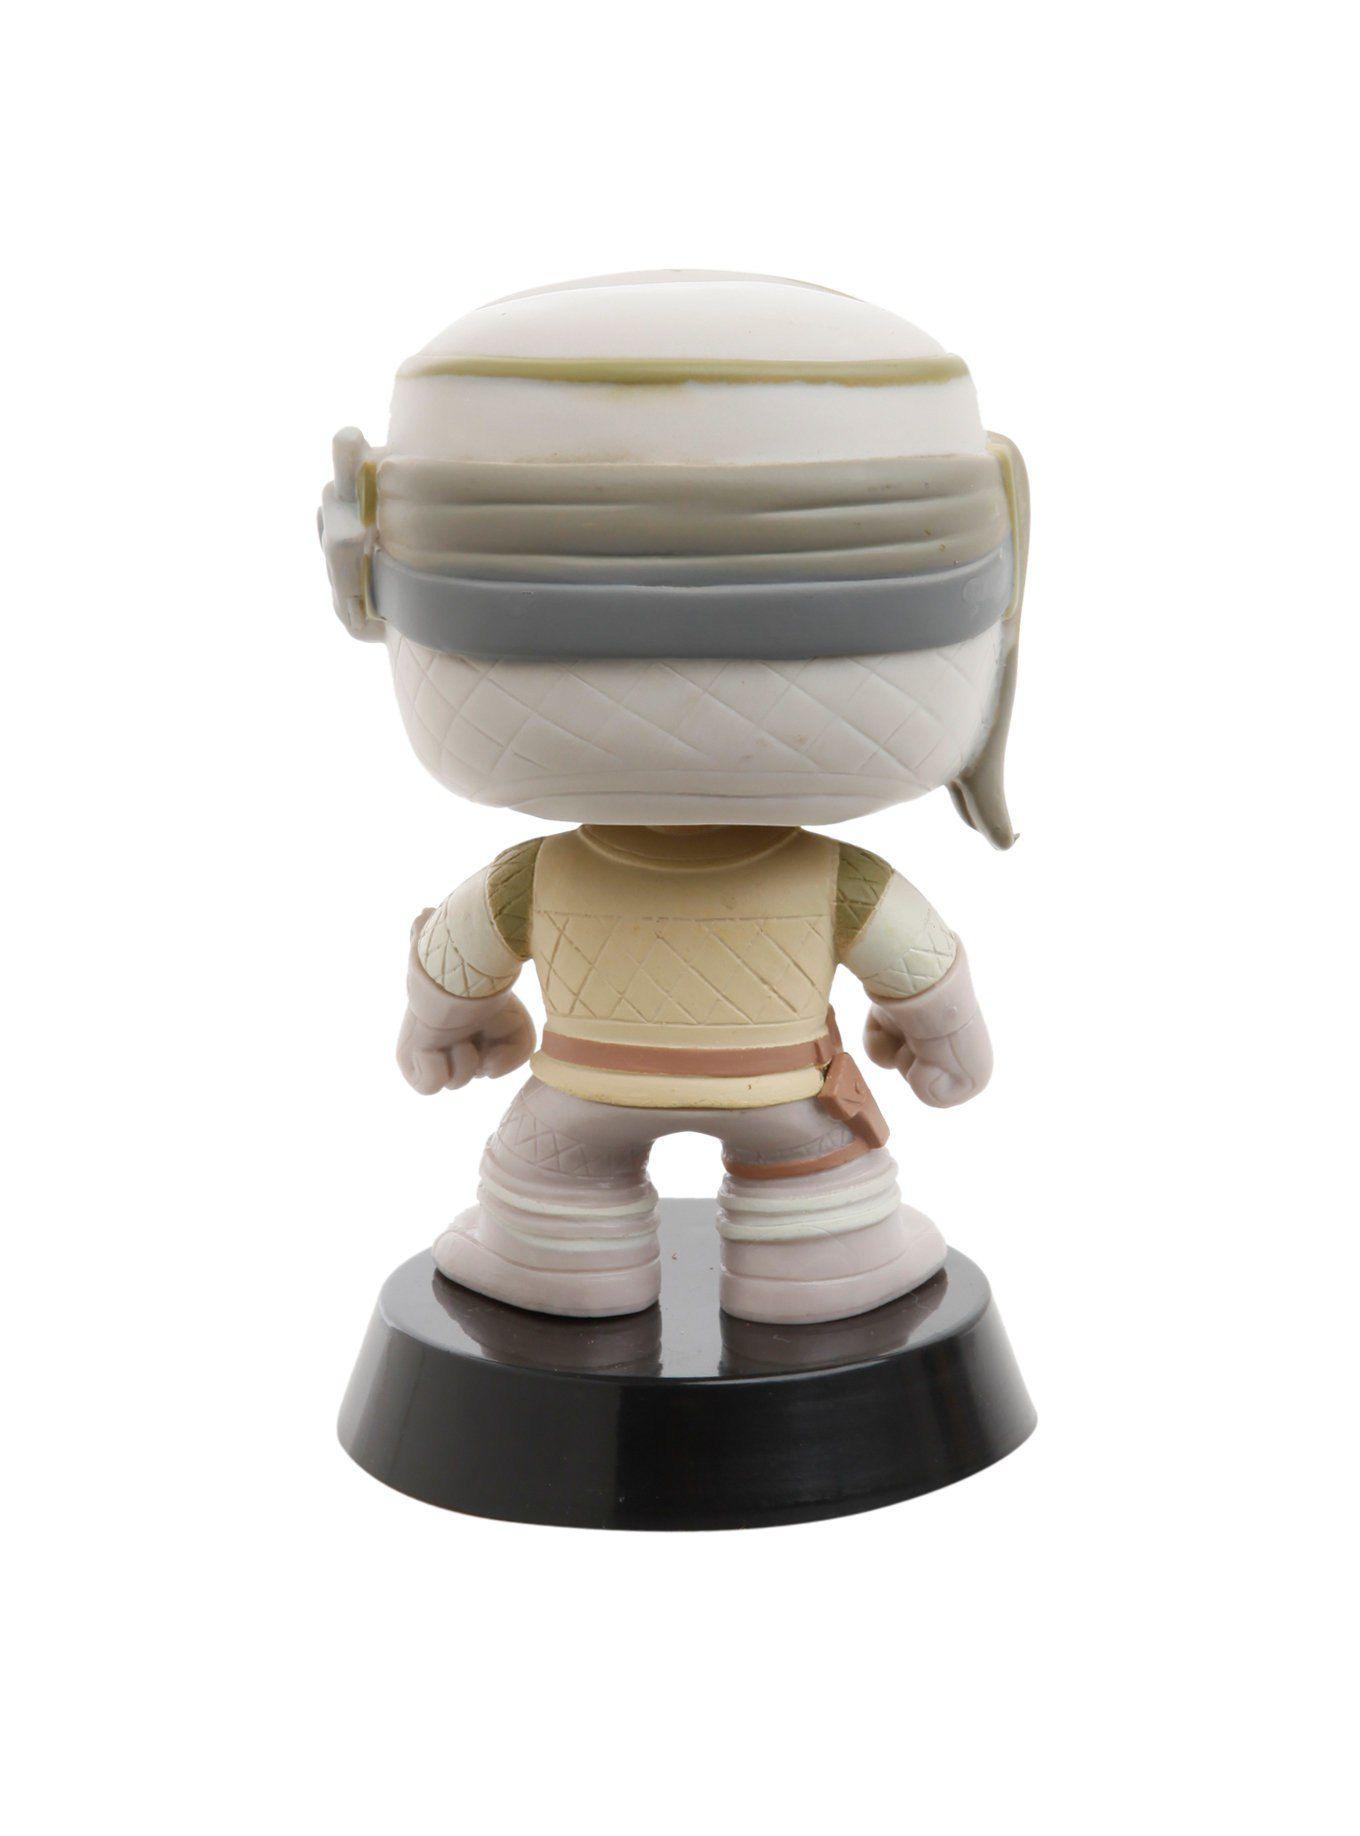 Luke Skywalker Hoth #34 - Star Wars - Funko Pop!